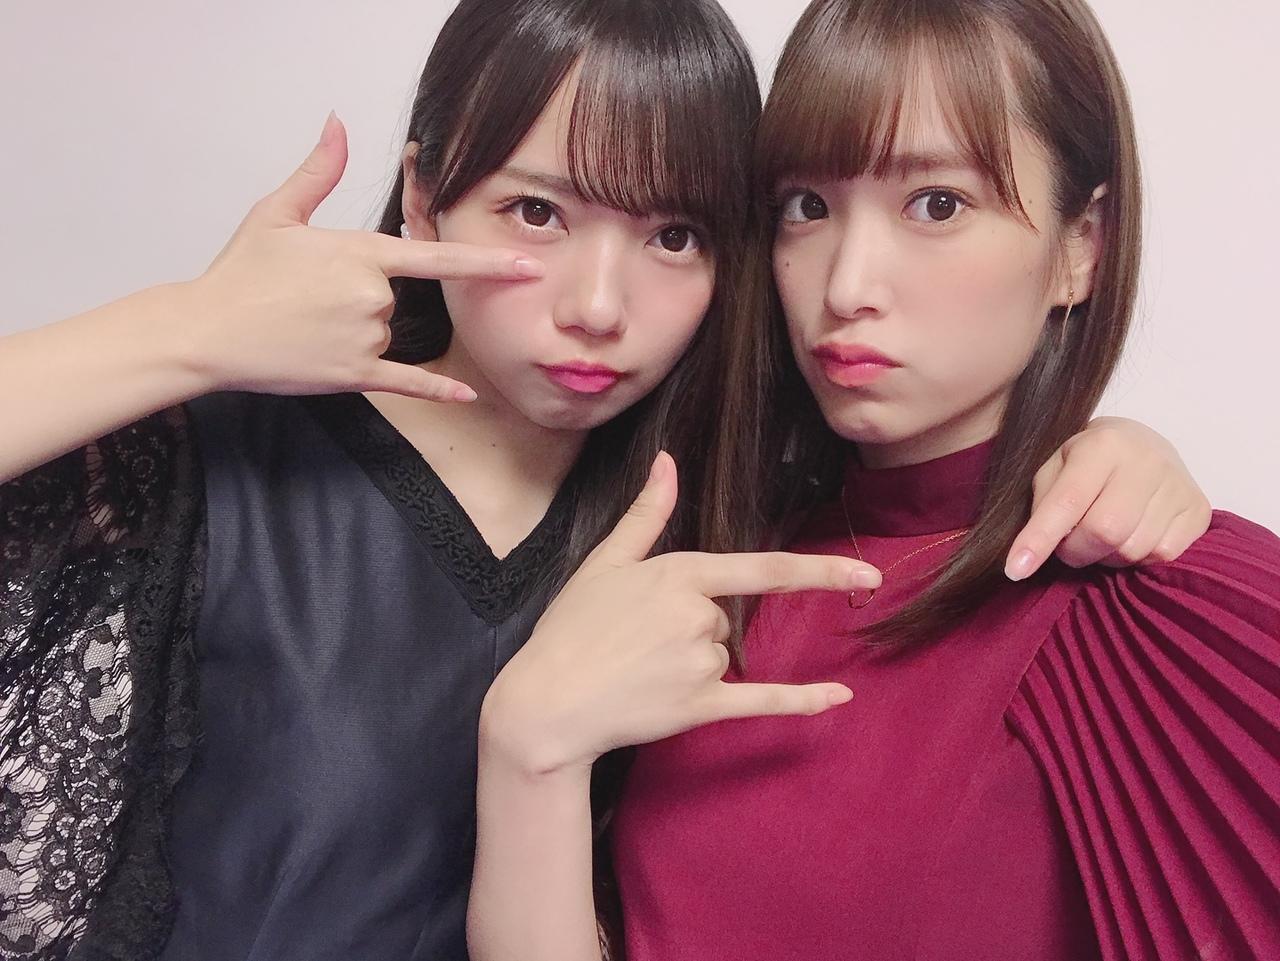 日向坂46メンバーブログまとめ2019年10月5日